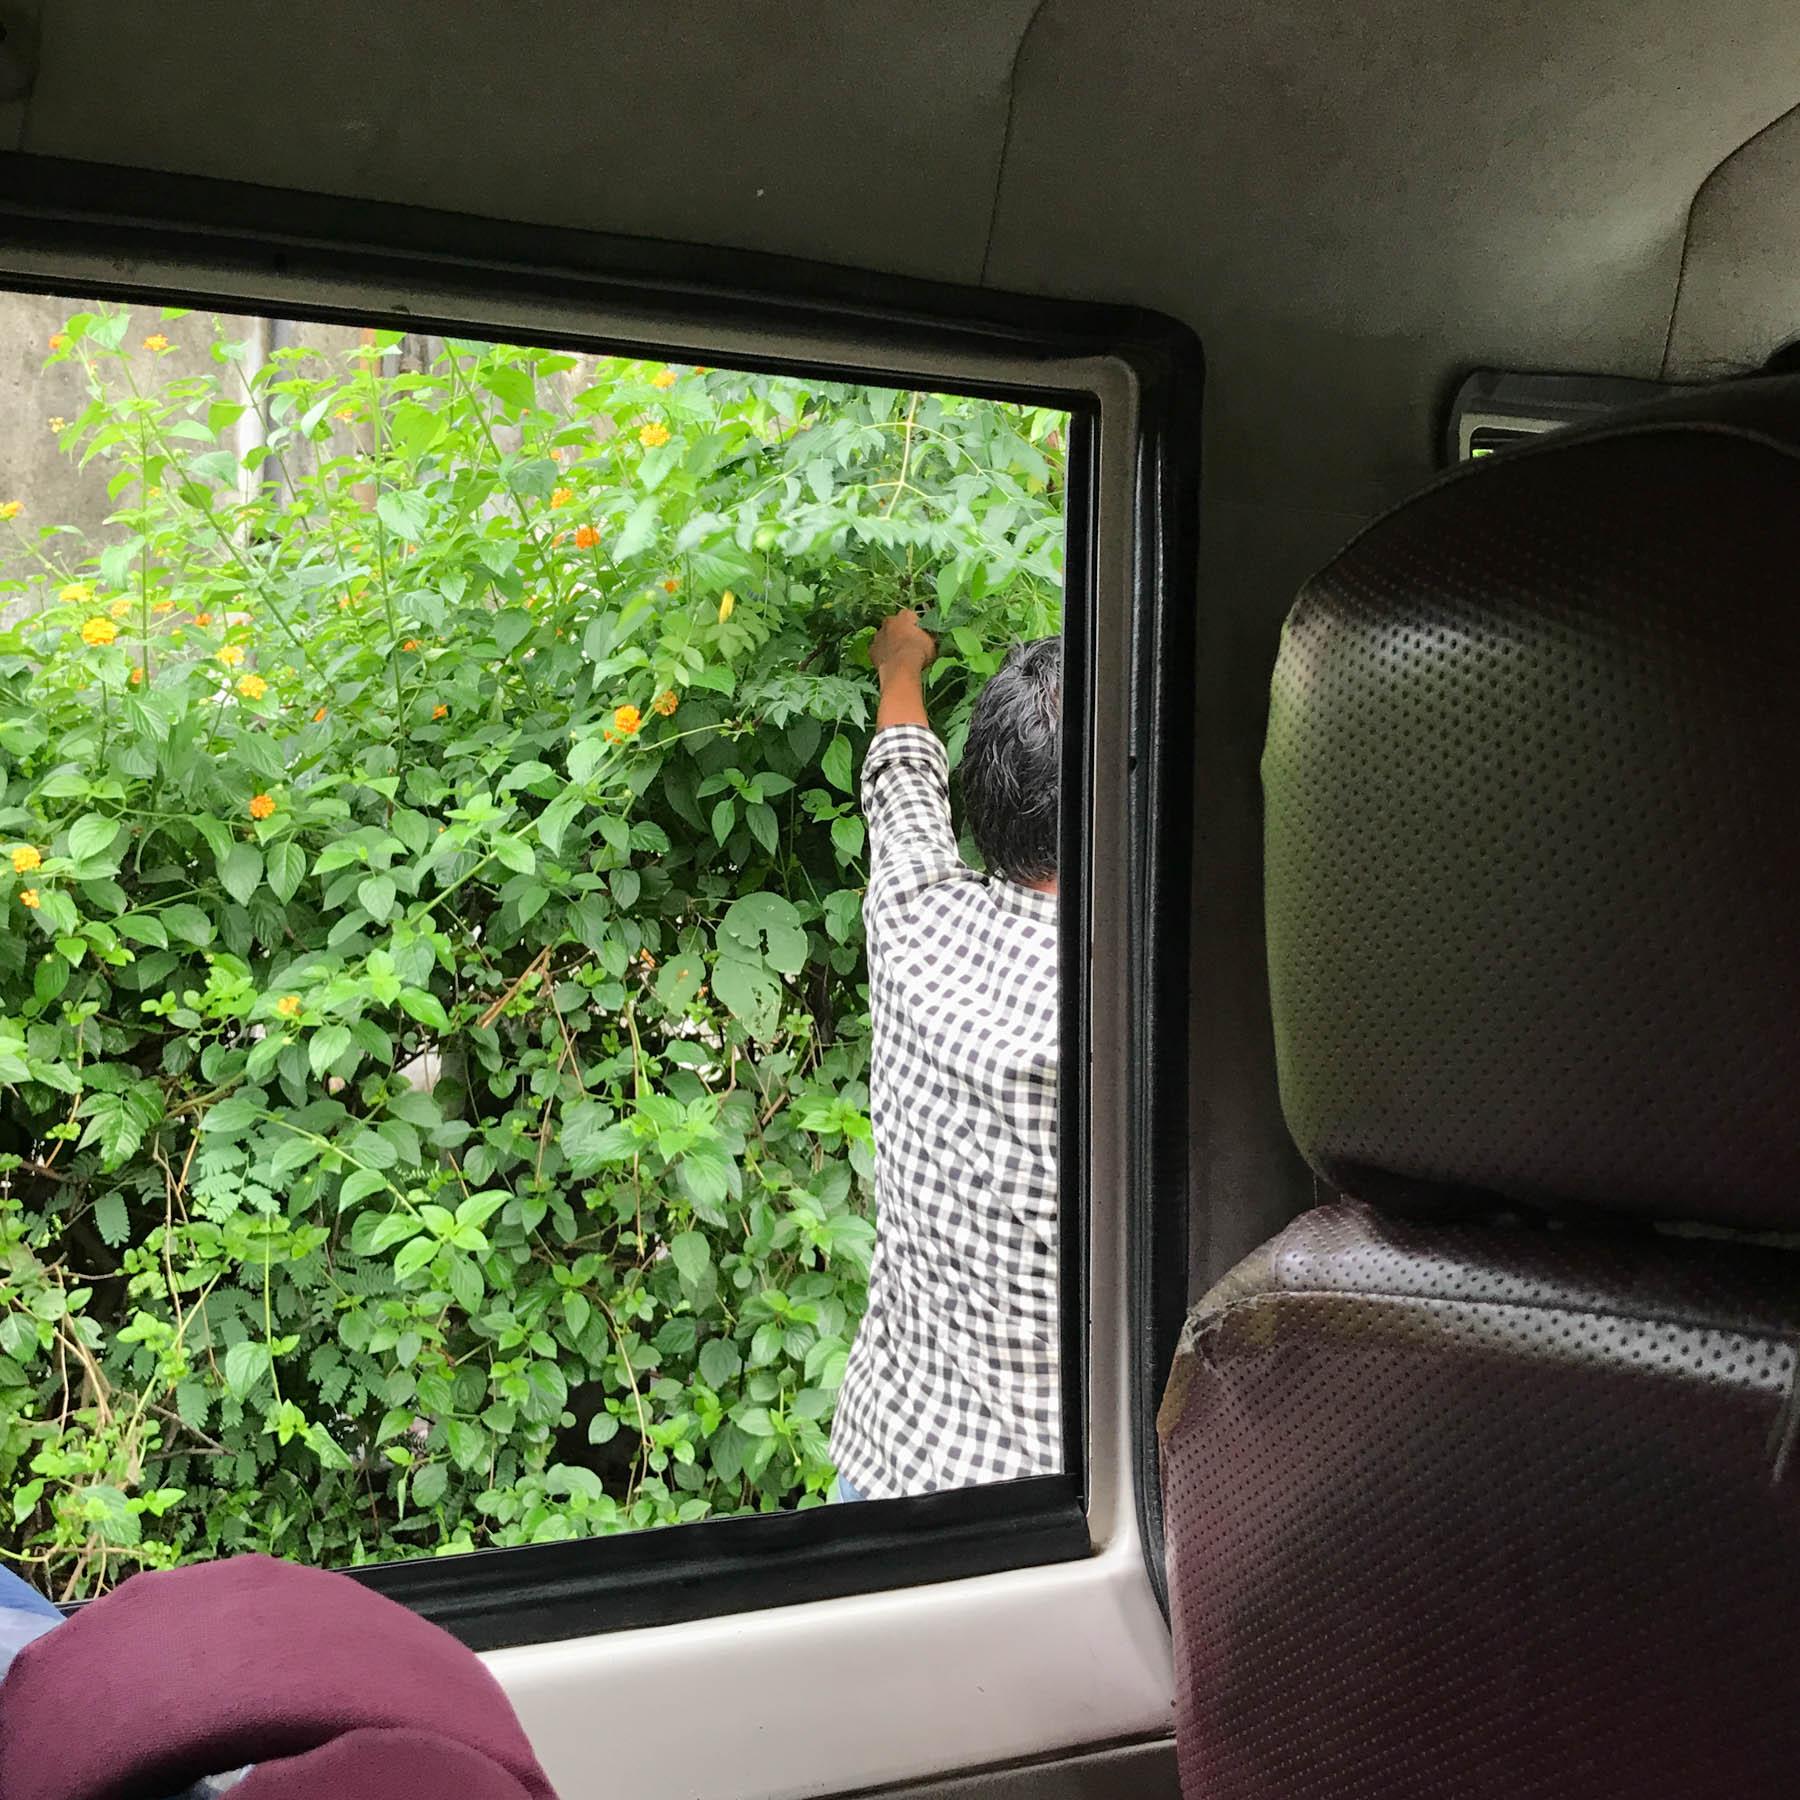 ウッタラカンド、ハルドワニからアルモラへの道 草を摘む運転手